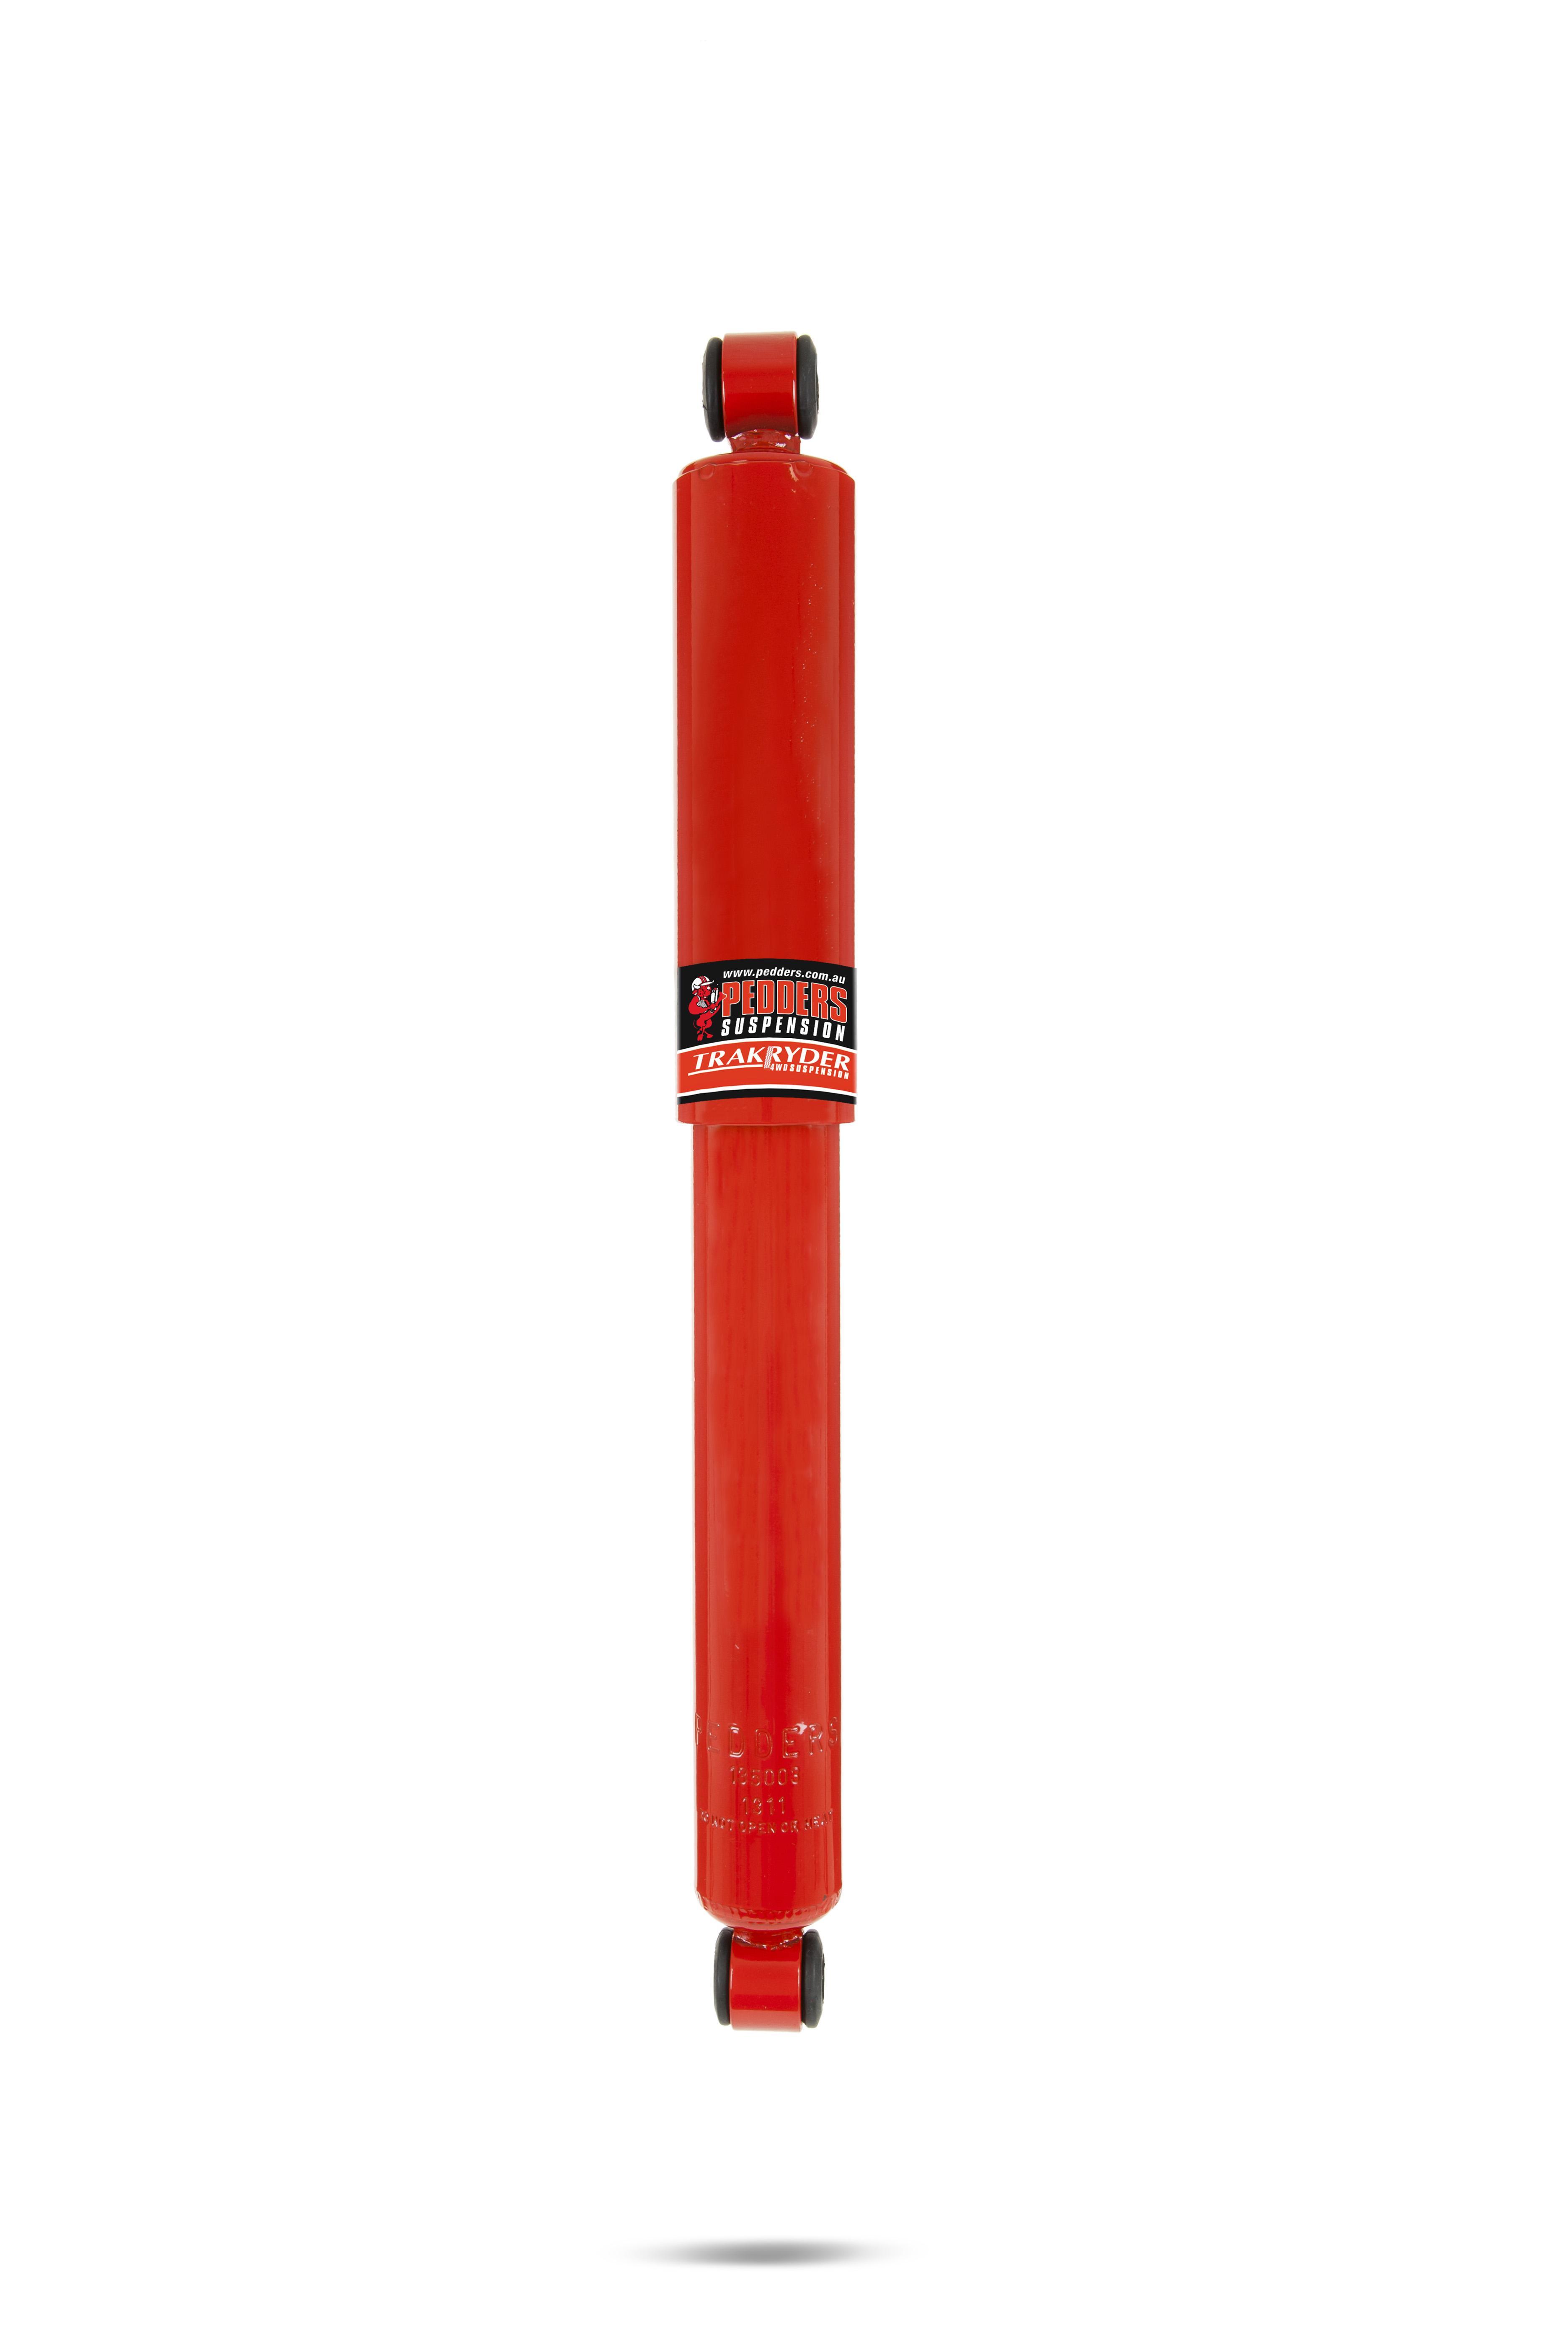 Pedders Trakryder 35mm Steering Damper 135003